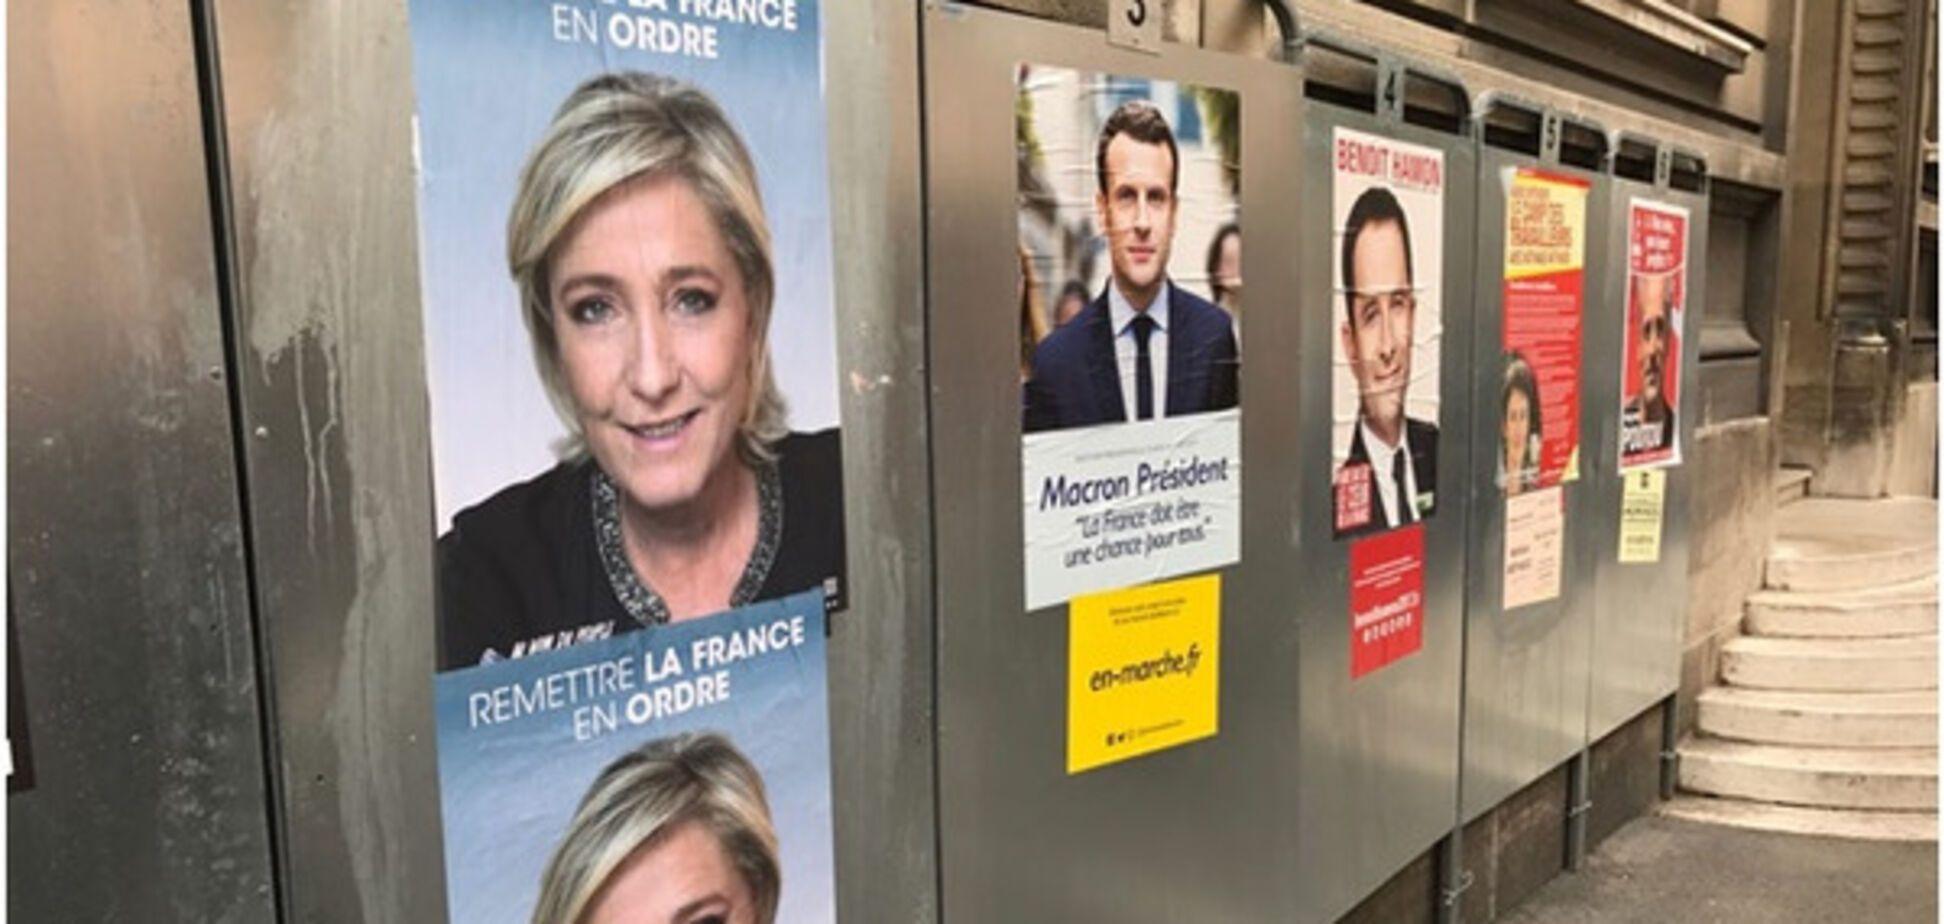 Французская интрига: как в 5-й республике выбирают 11-го президента